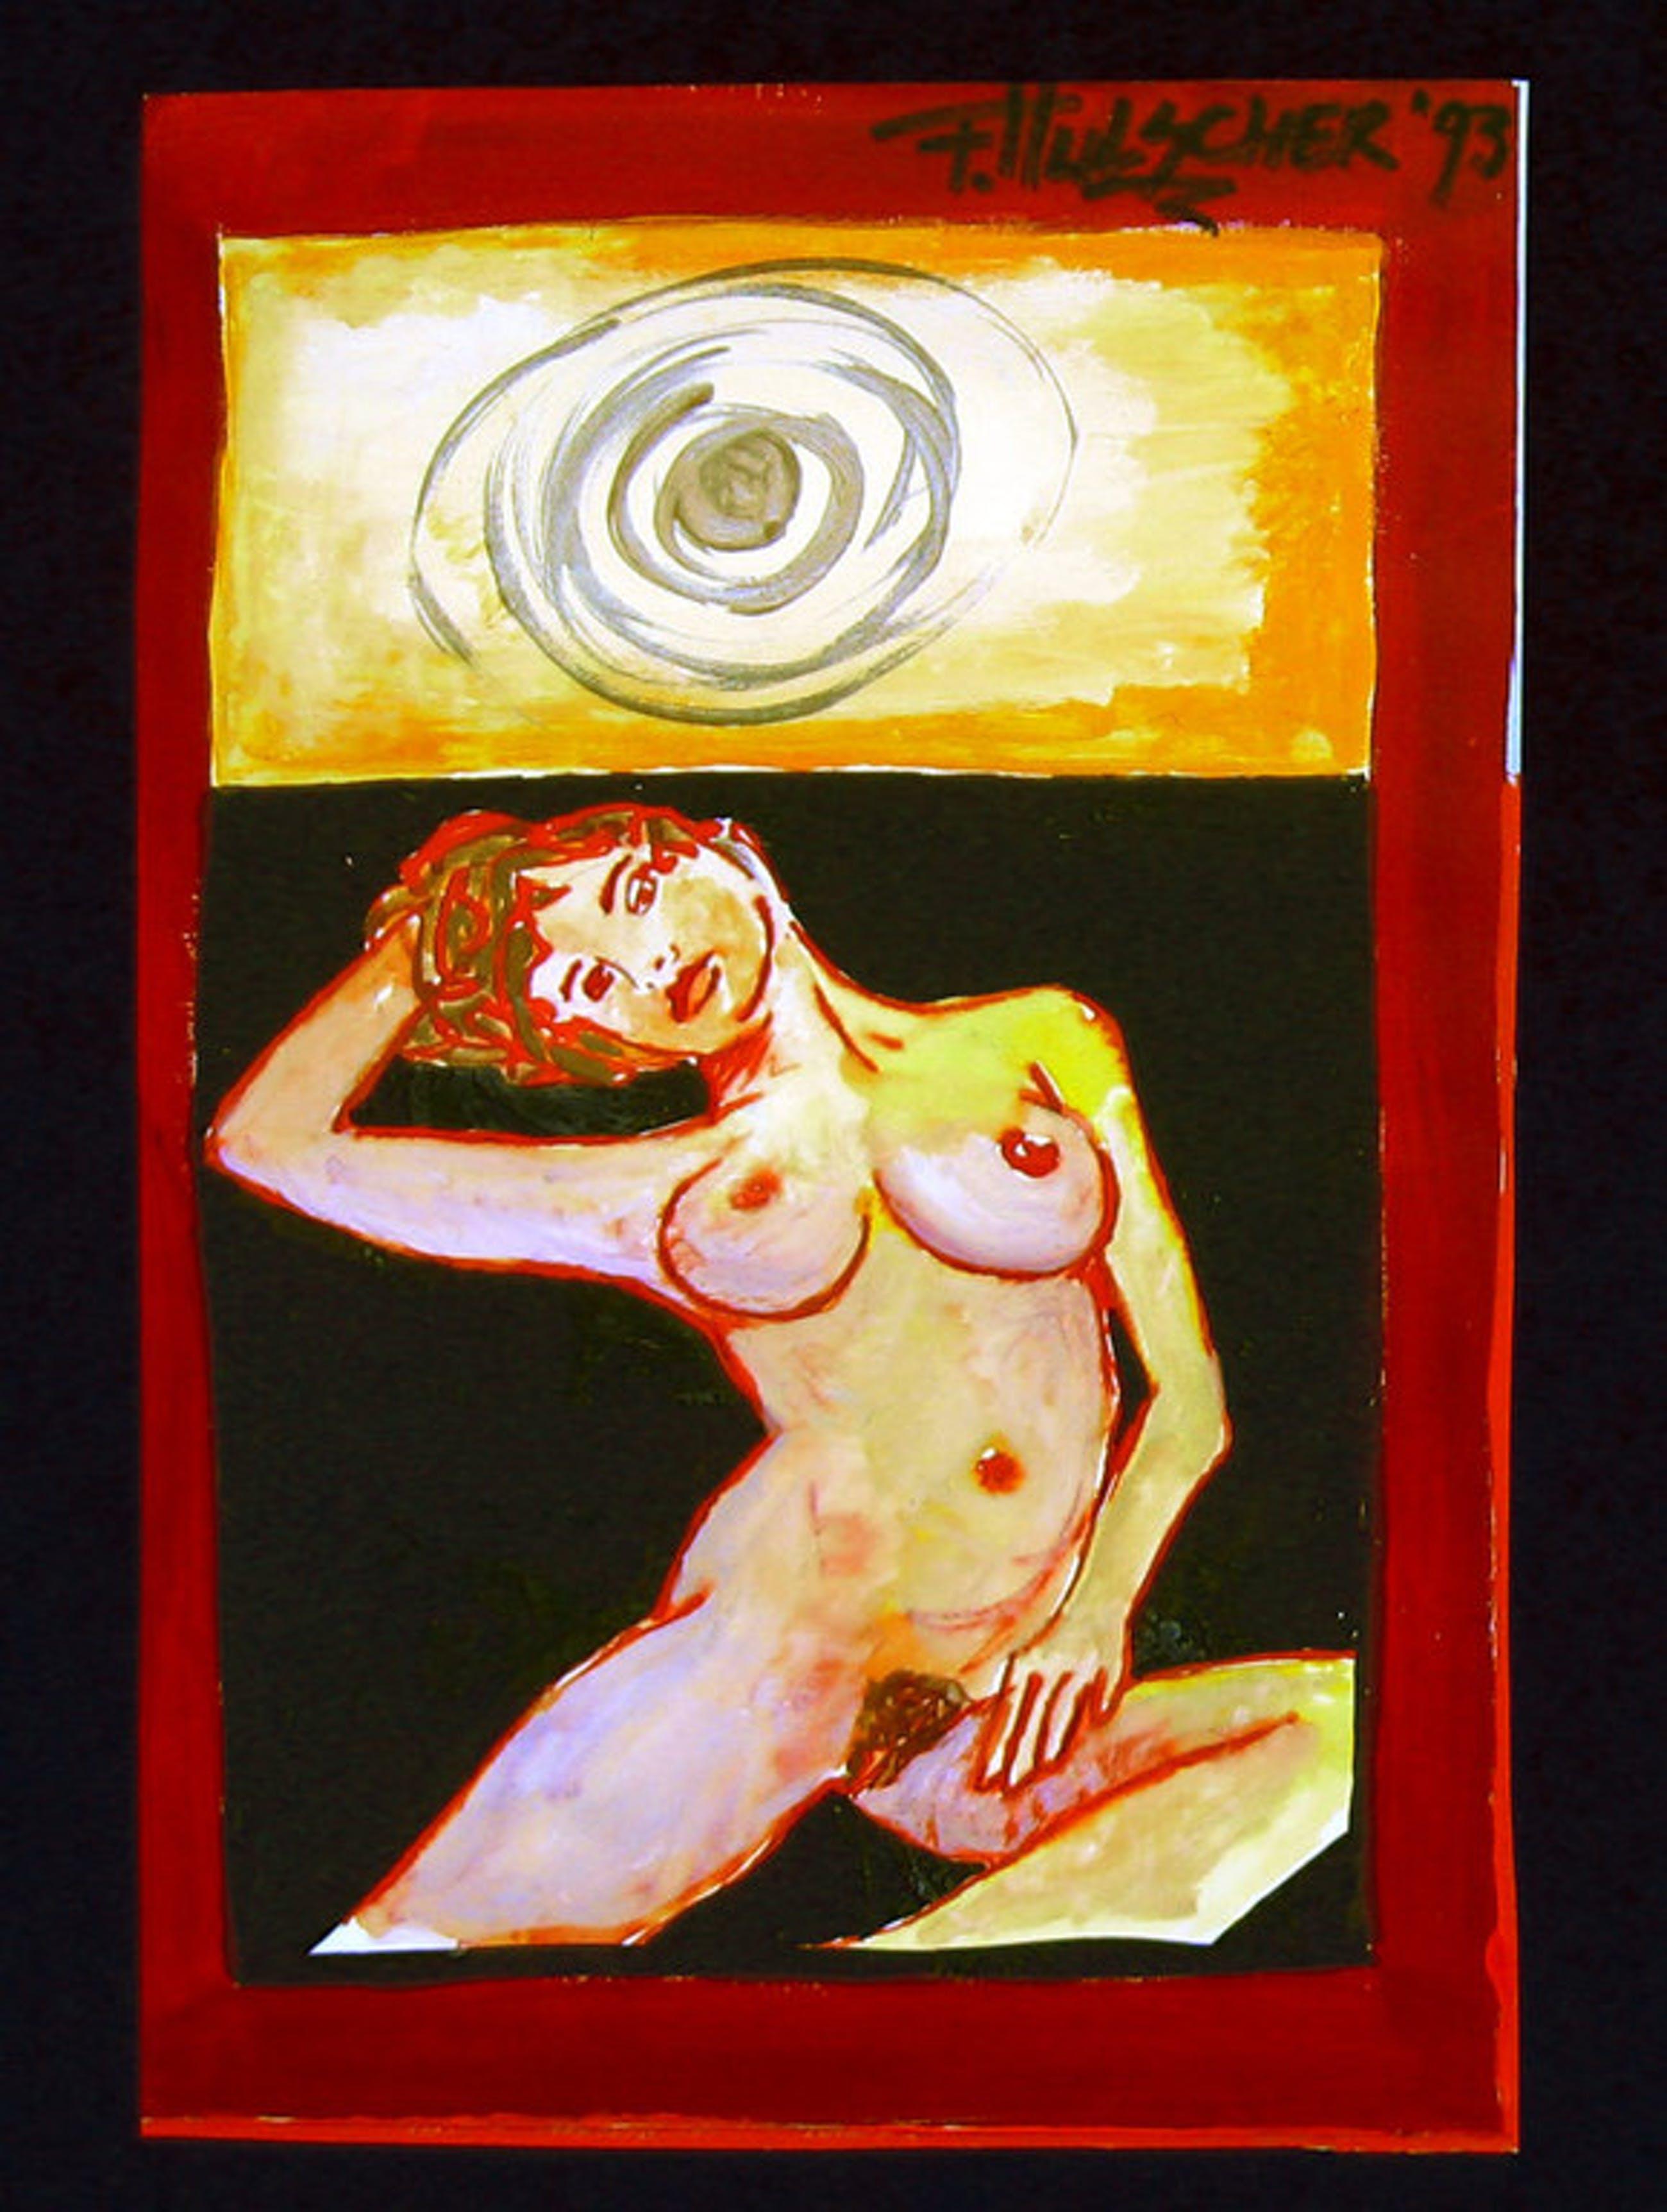 FRANK HULSCHER - Acryl op papier op karton, 1993 kopen? Bied vanaf 1!